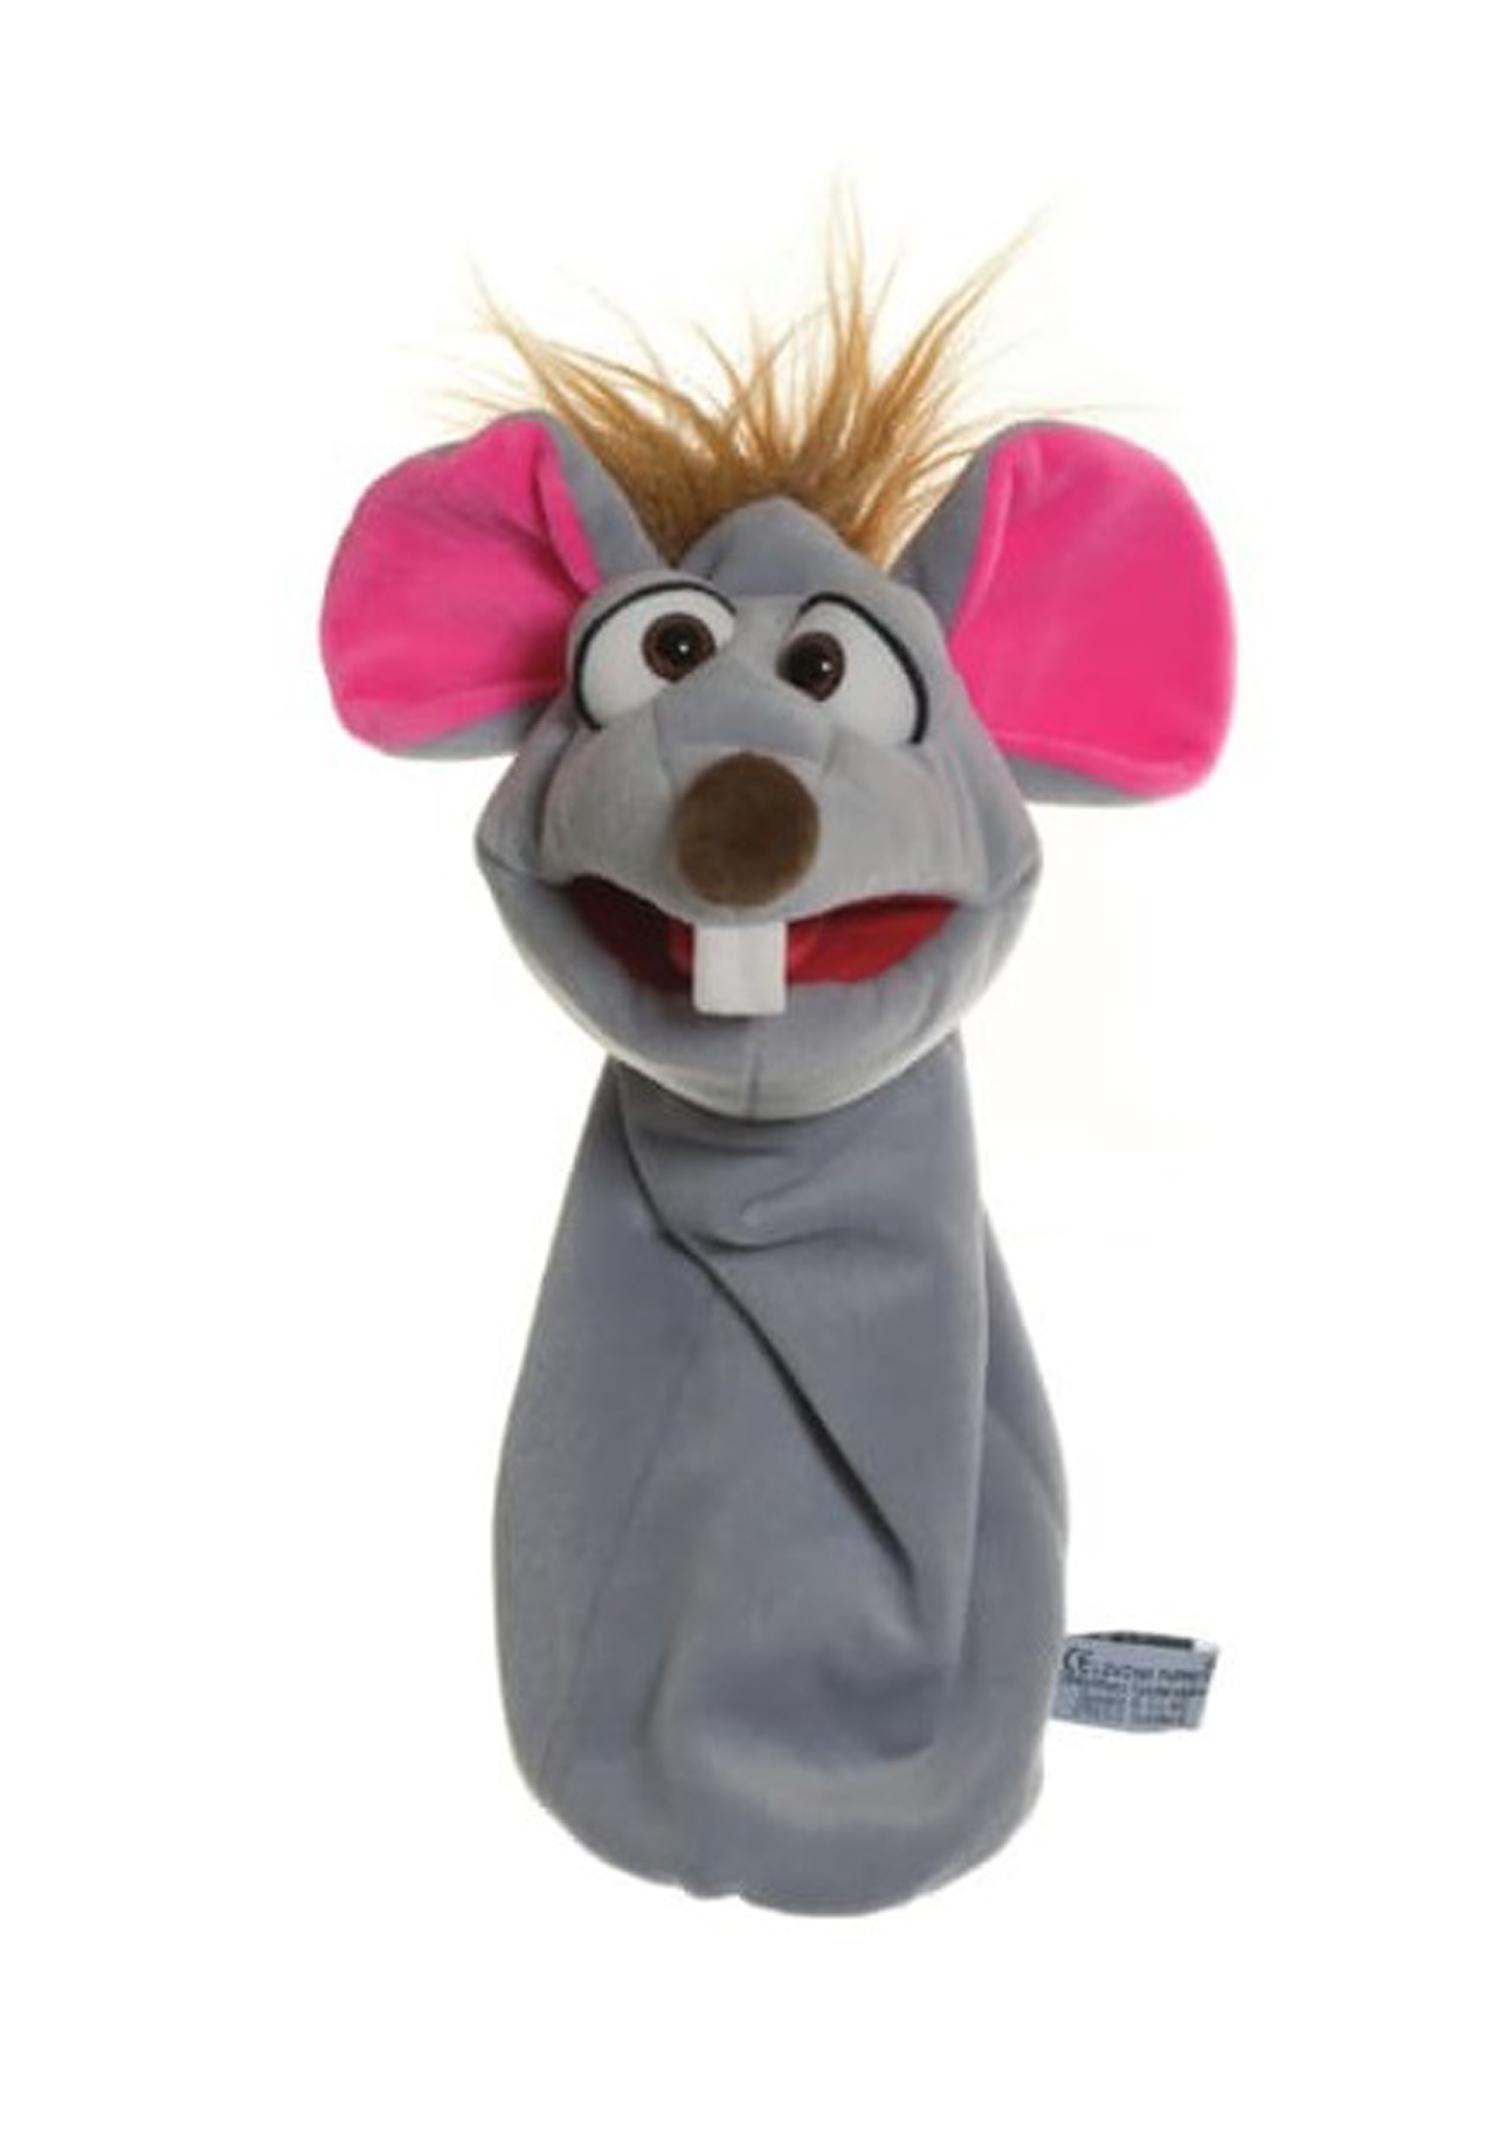 Γαντόκουκλα - Ποντίκι - γάντι 35εκ.